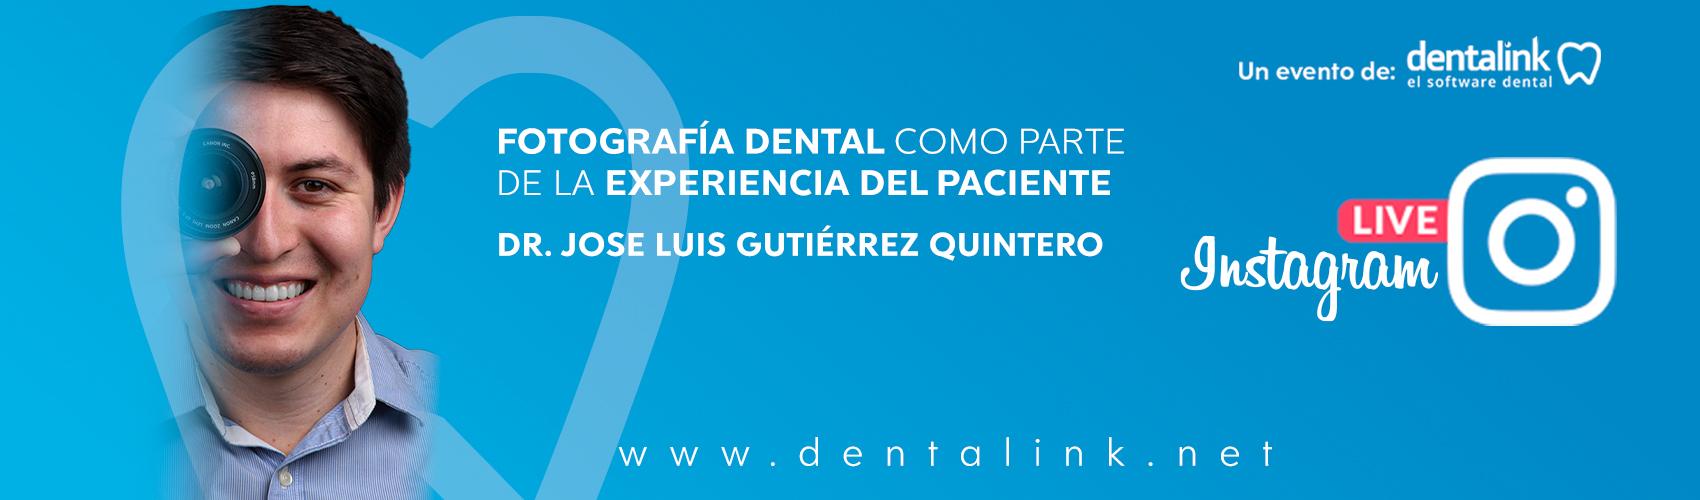 Instagram Live: La Fotografía Dental como parte de la Experiencia del Paciente